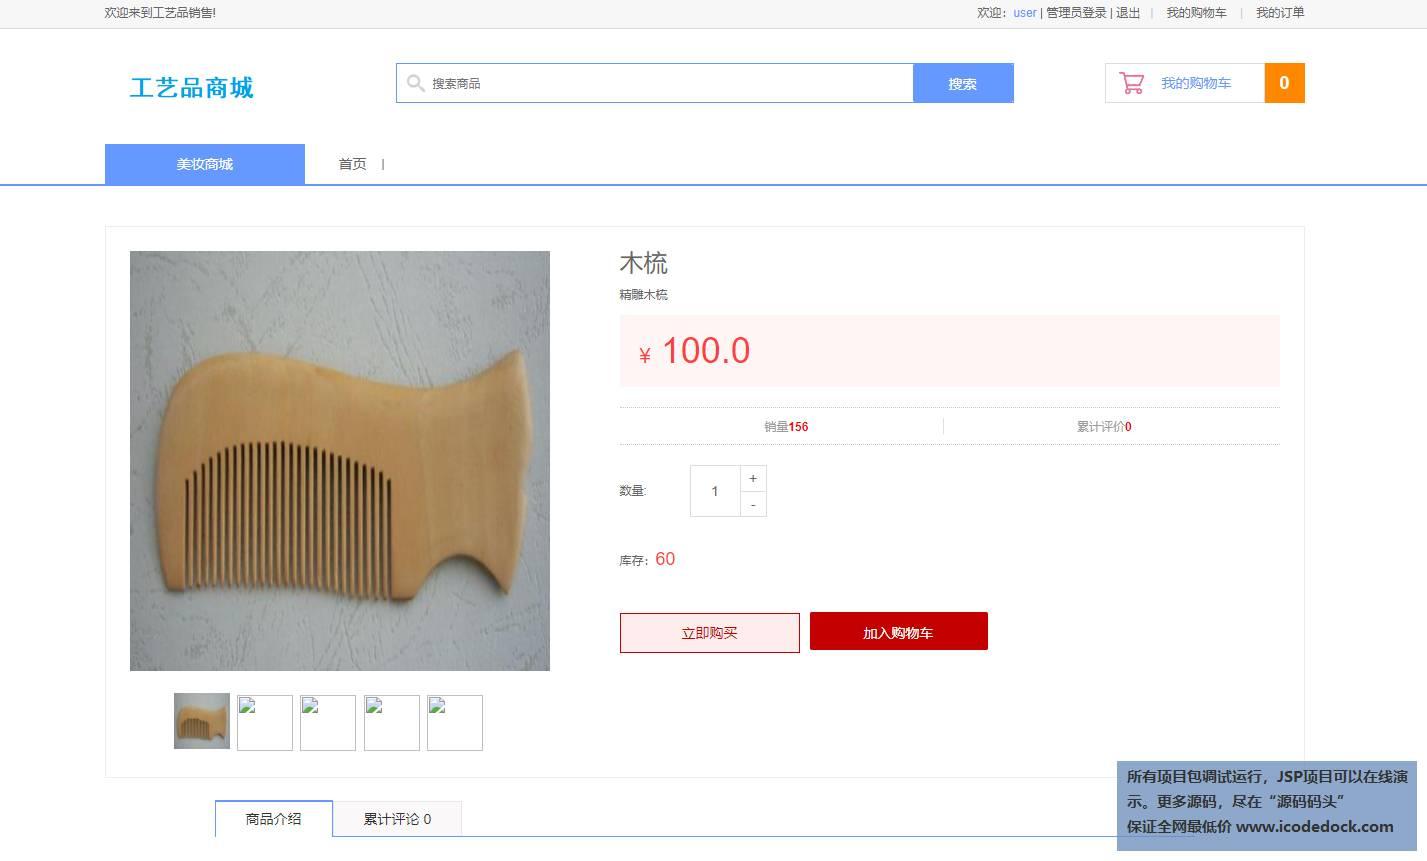 源码码头-SSM在线工艺品销售商城平台网站-用户角色-查看商品详情